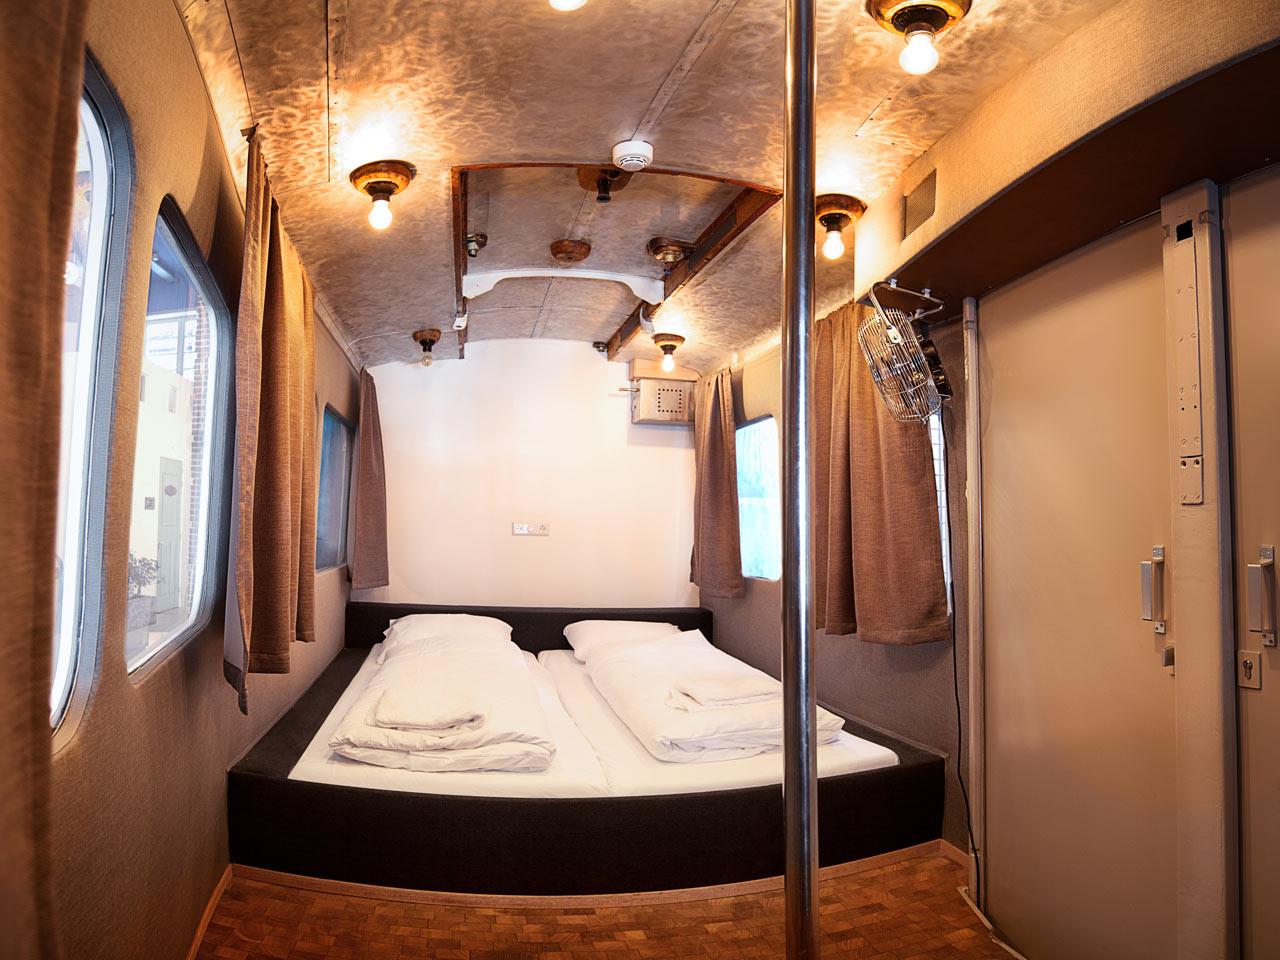 Destin-Hotel-Not-Hotel-9-tram